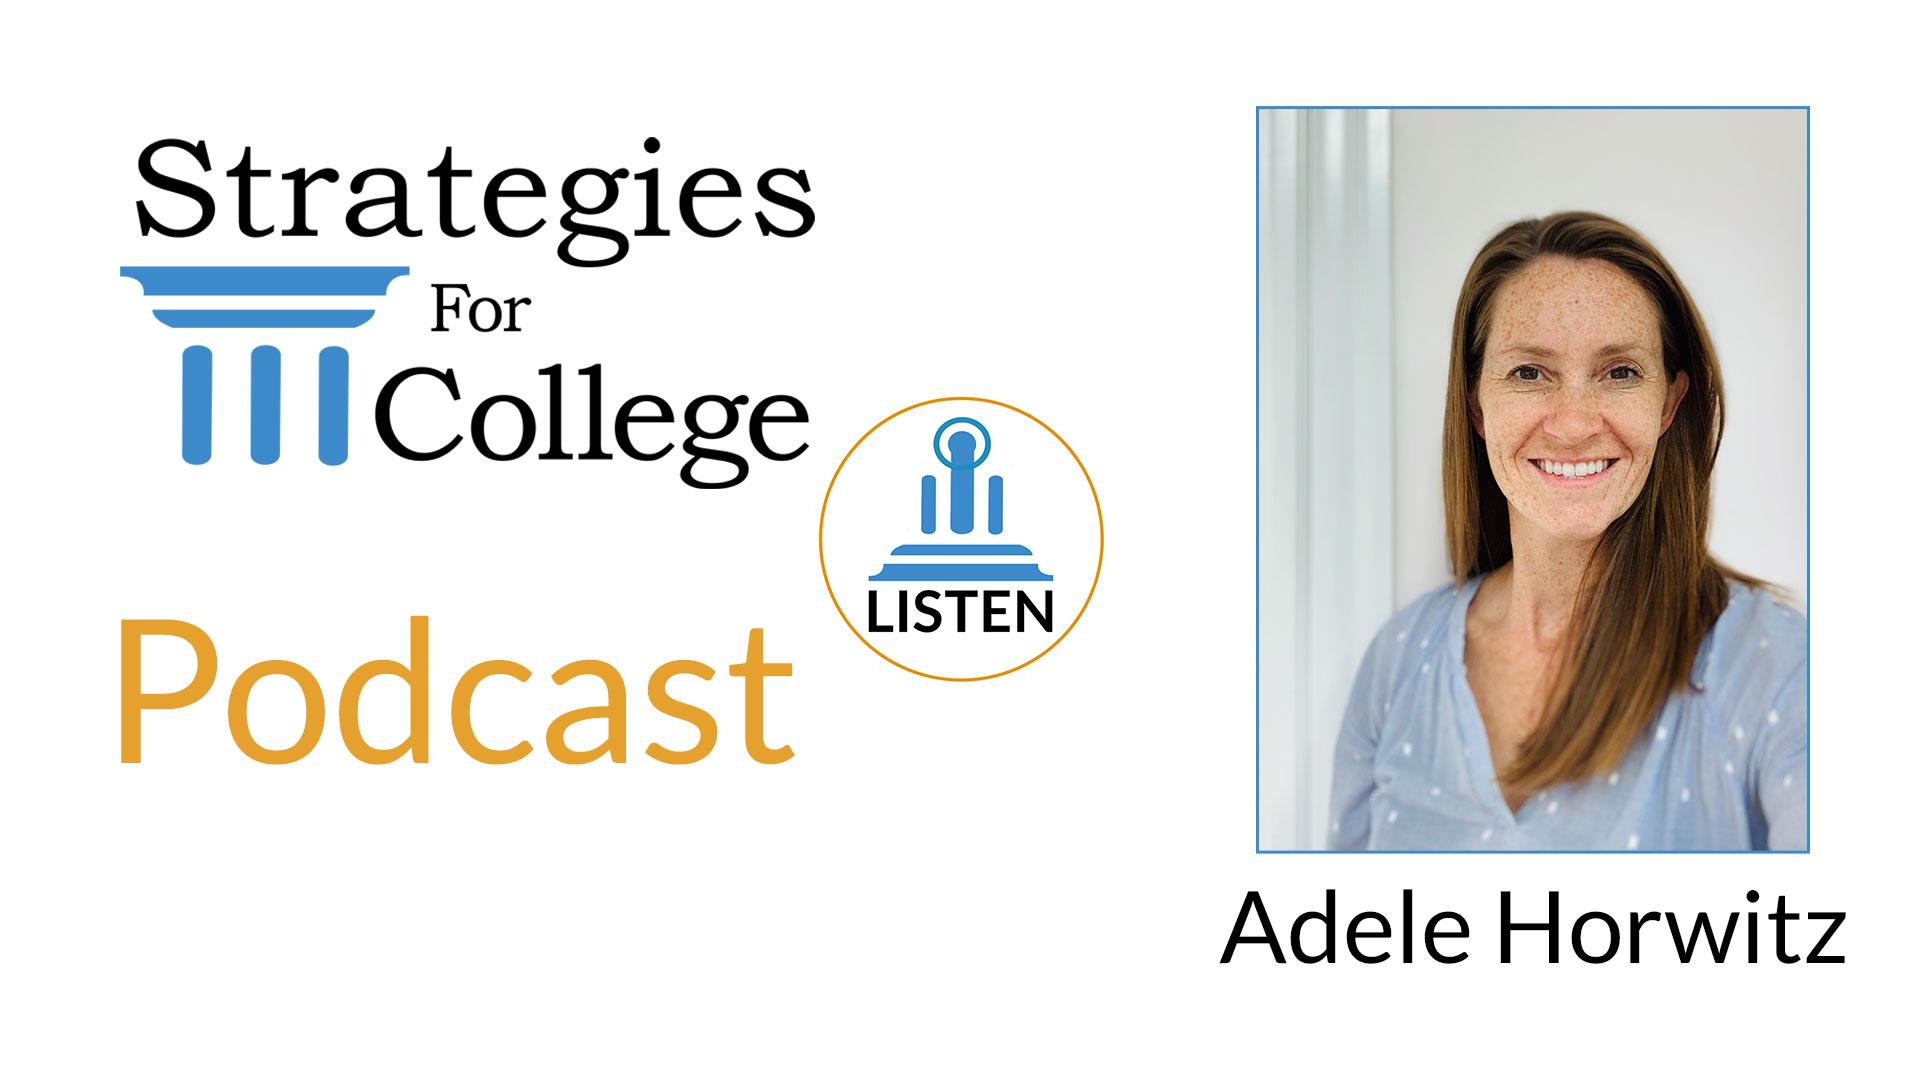 Podcast: Adele Horwitz